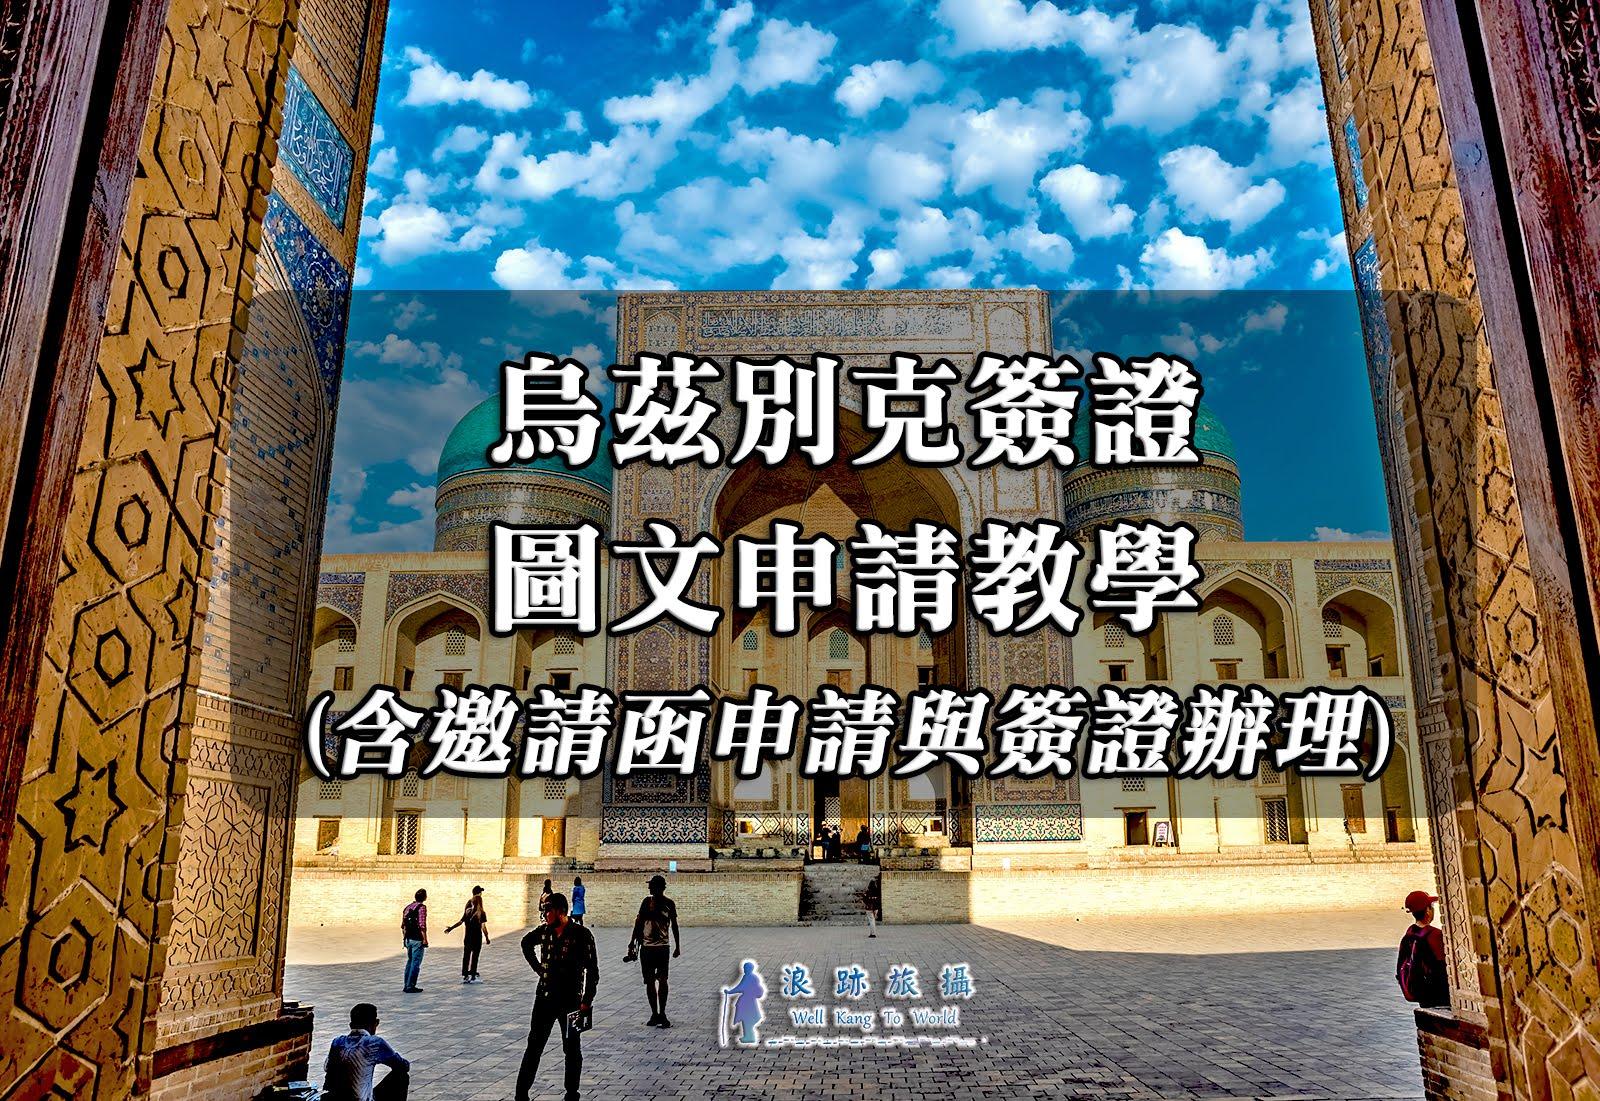 烏茲別克 簽證 邀請函 教學 攻略 中亞